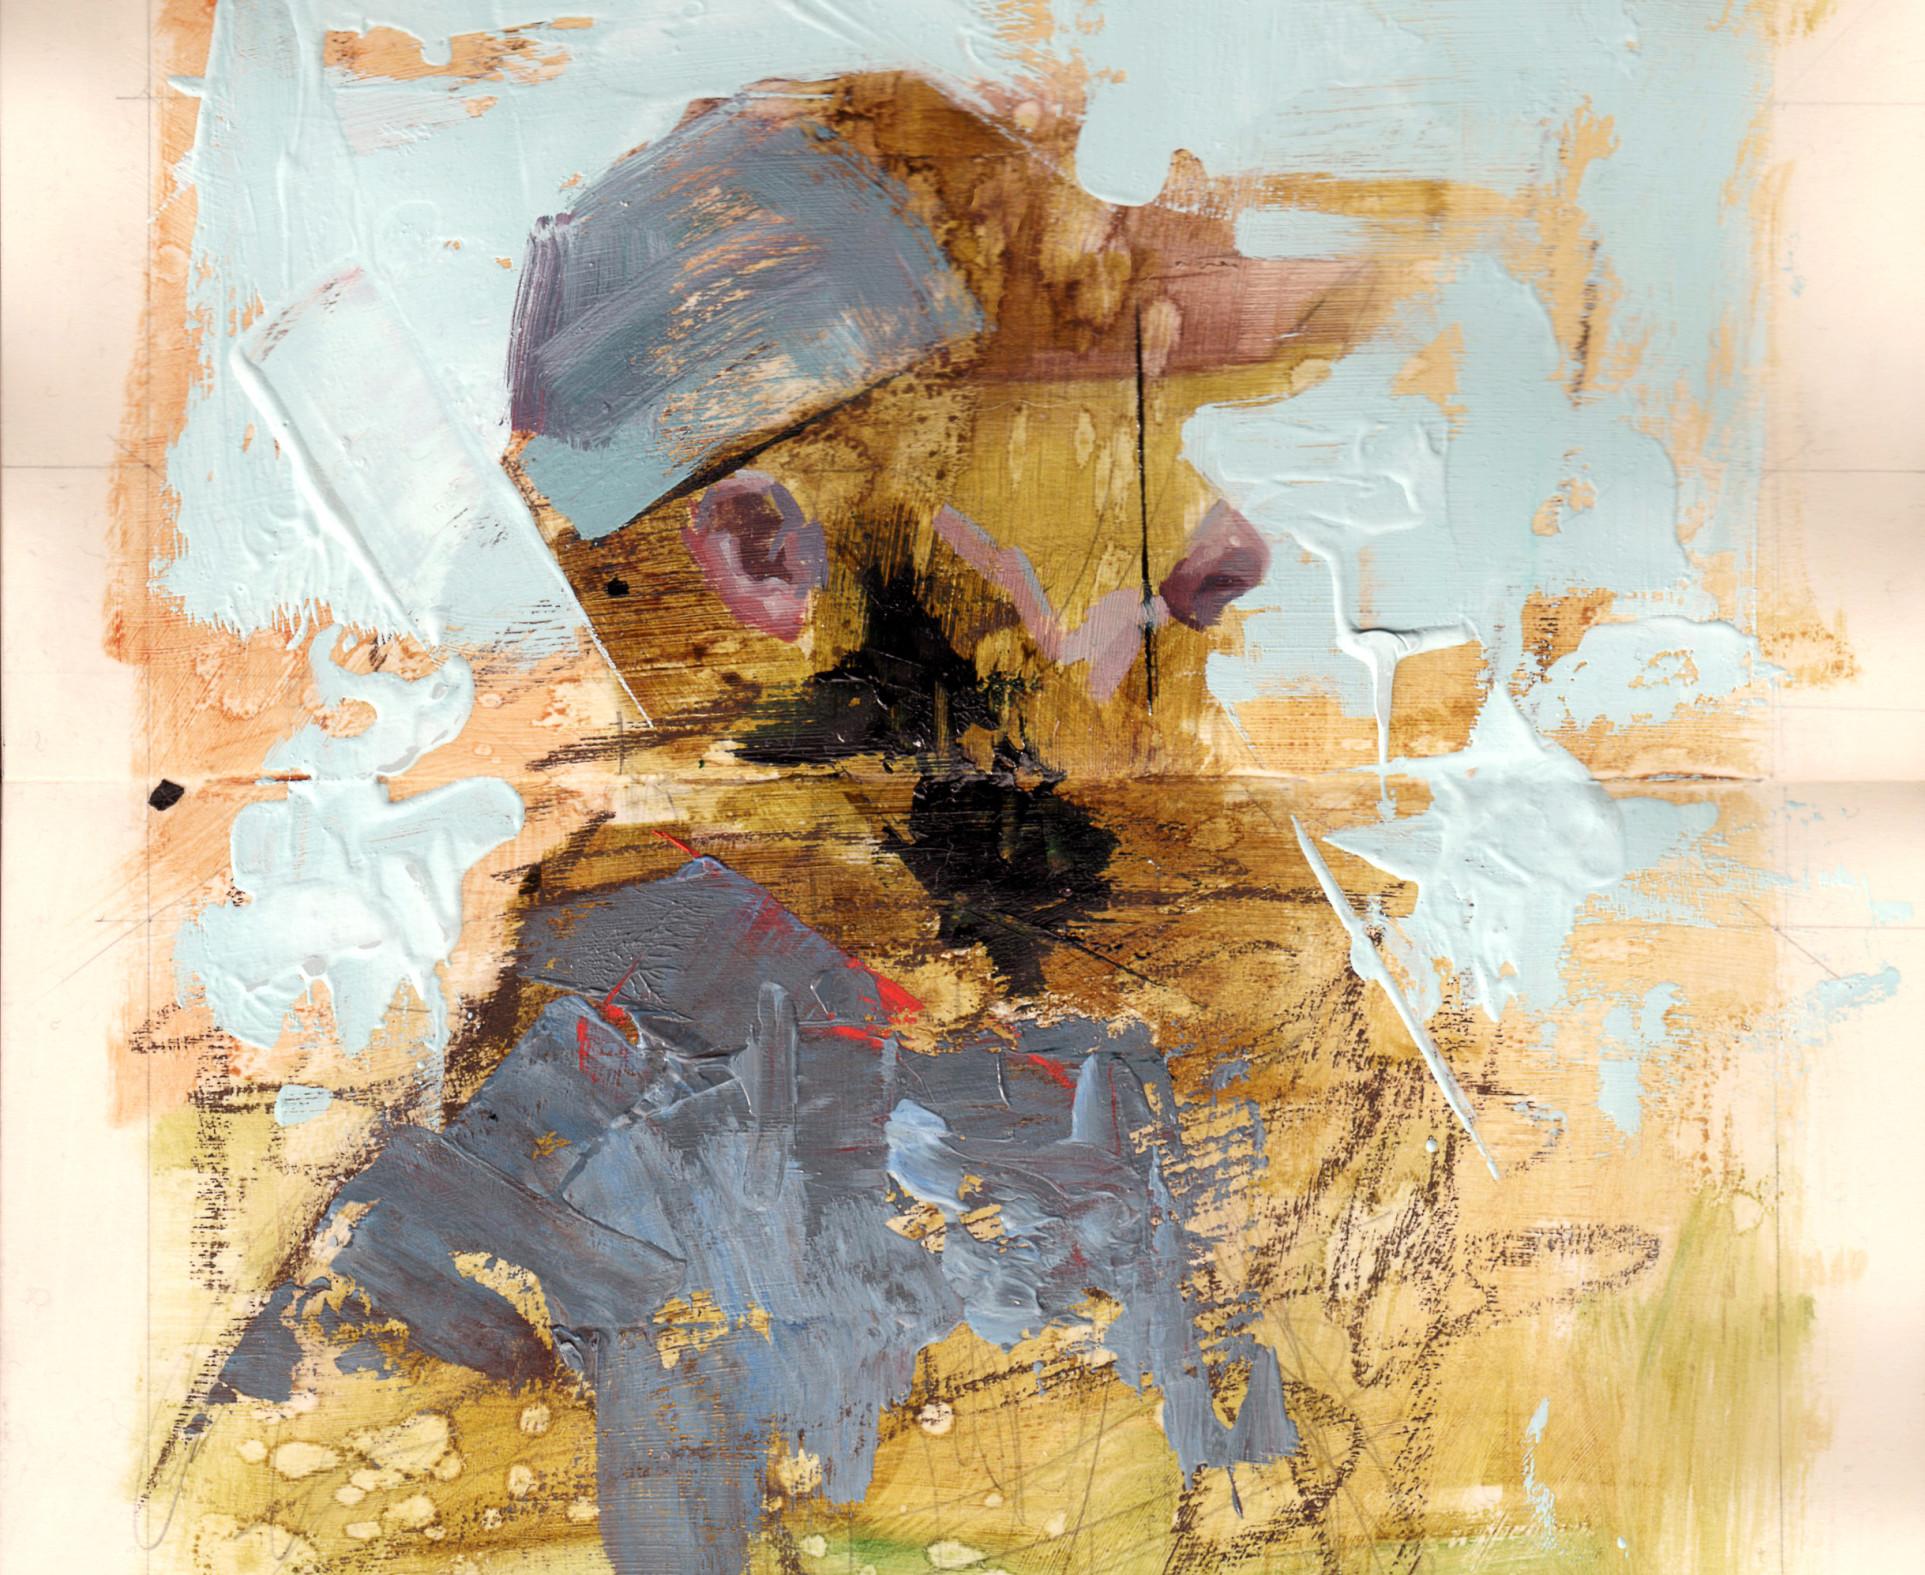 John Wentz, Imprint No. 20, 2015